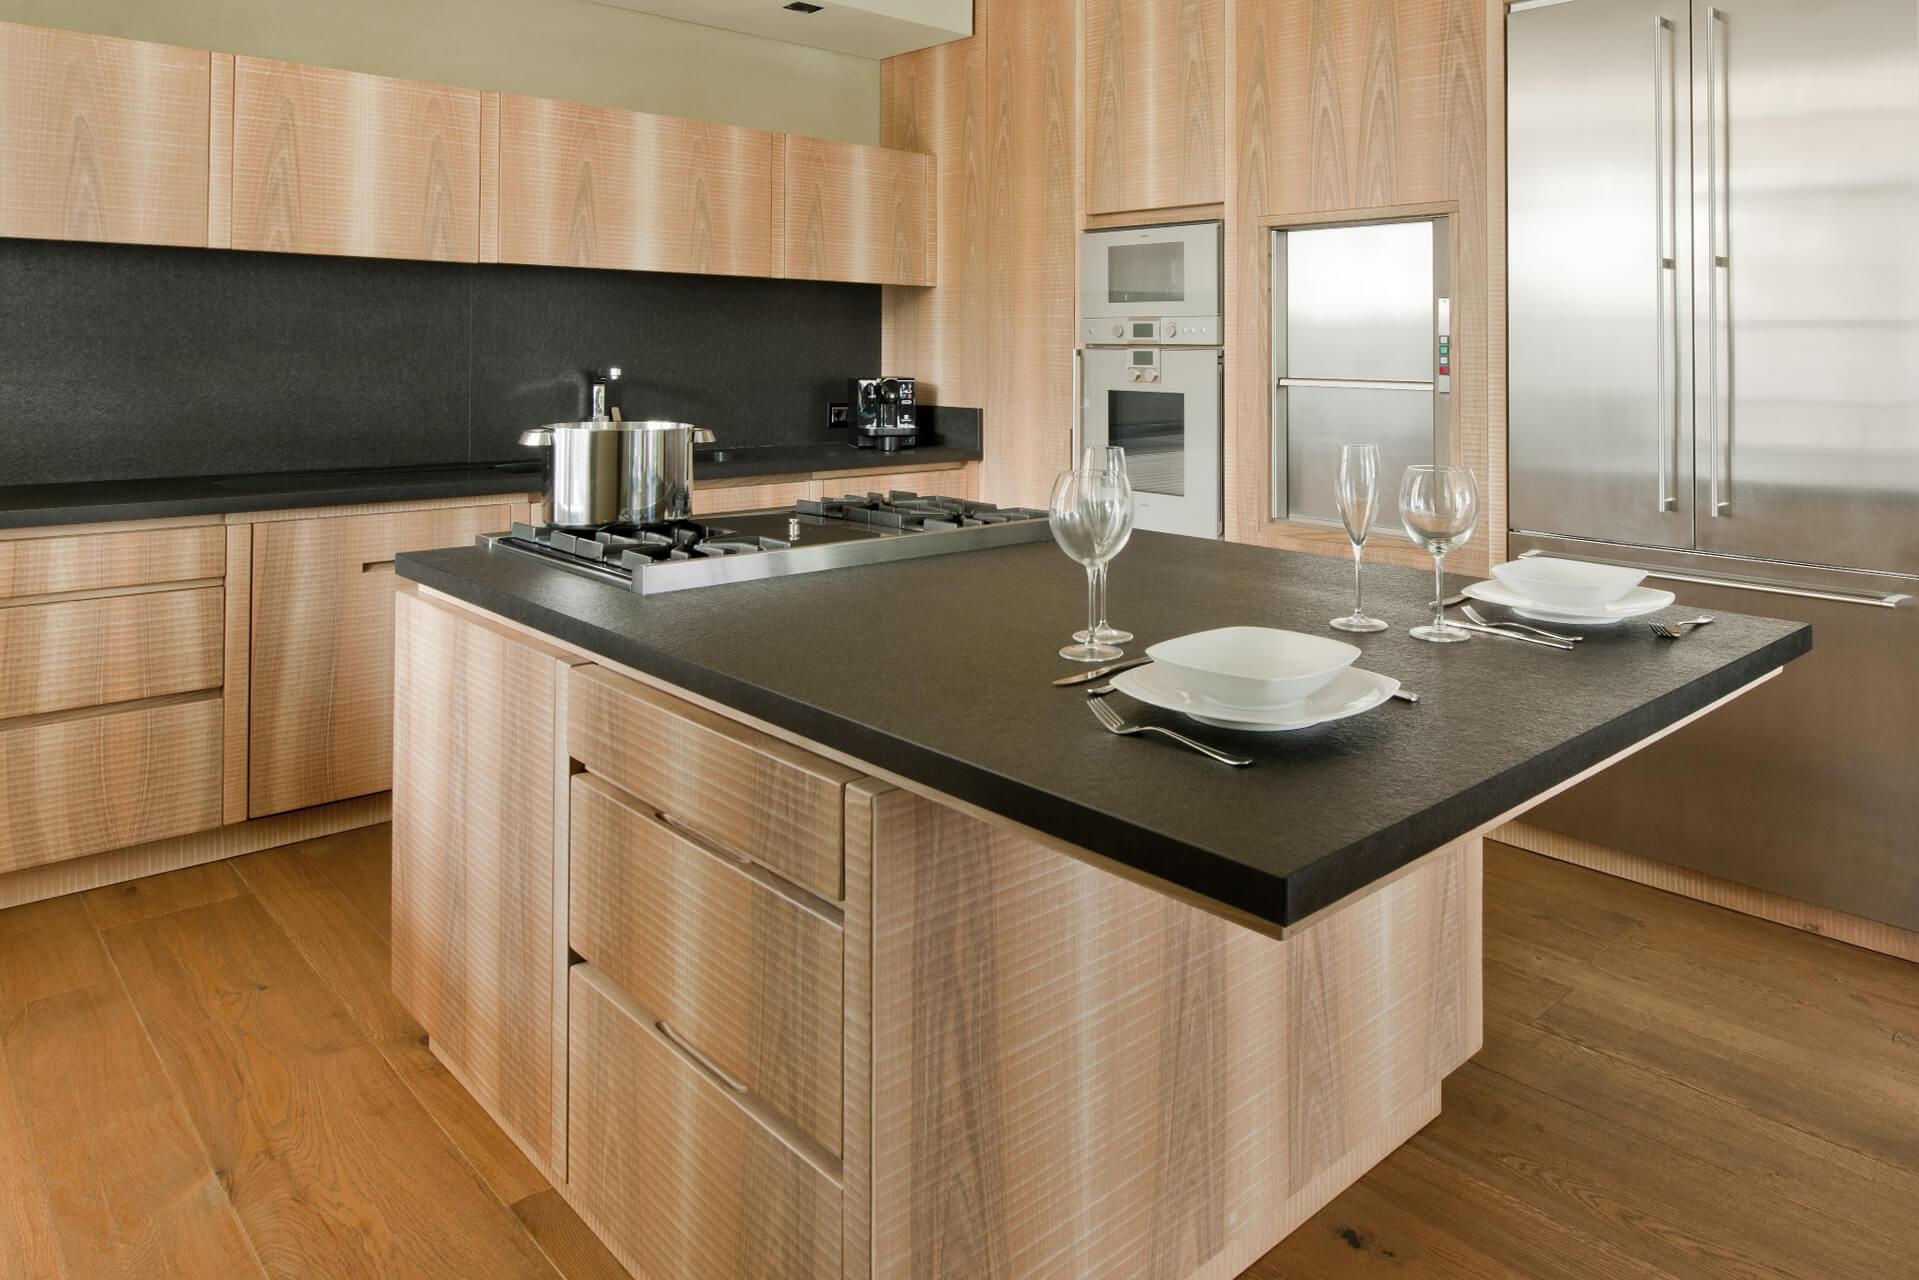 Cucina in Noce con Piano in Marmo - Cucine Design in Legno ...